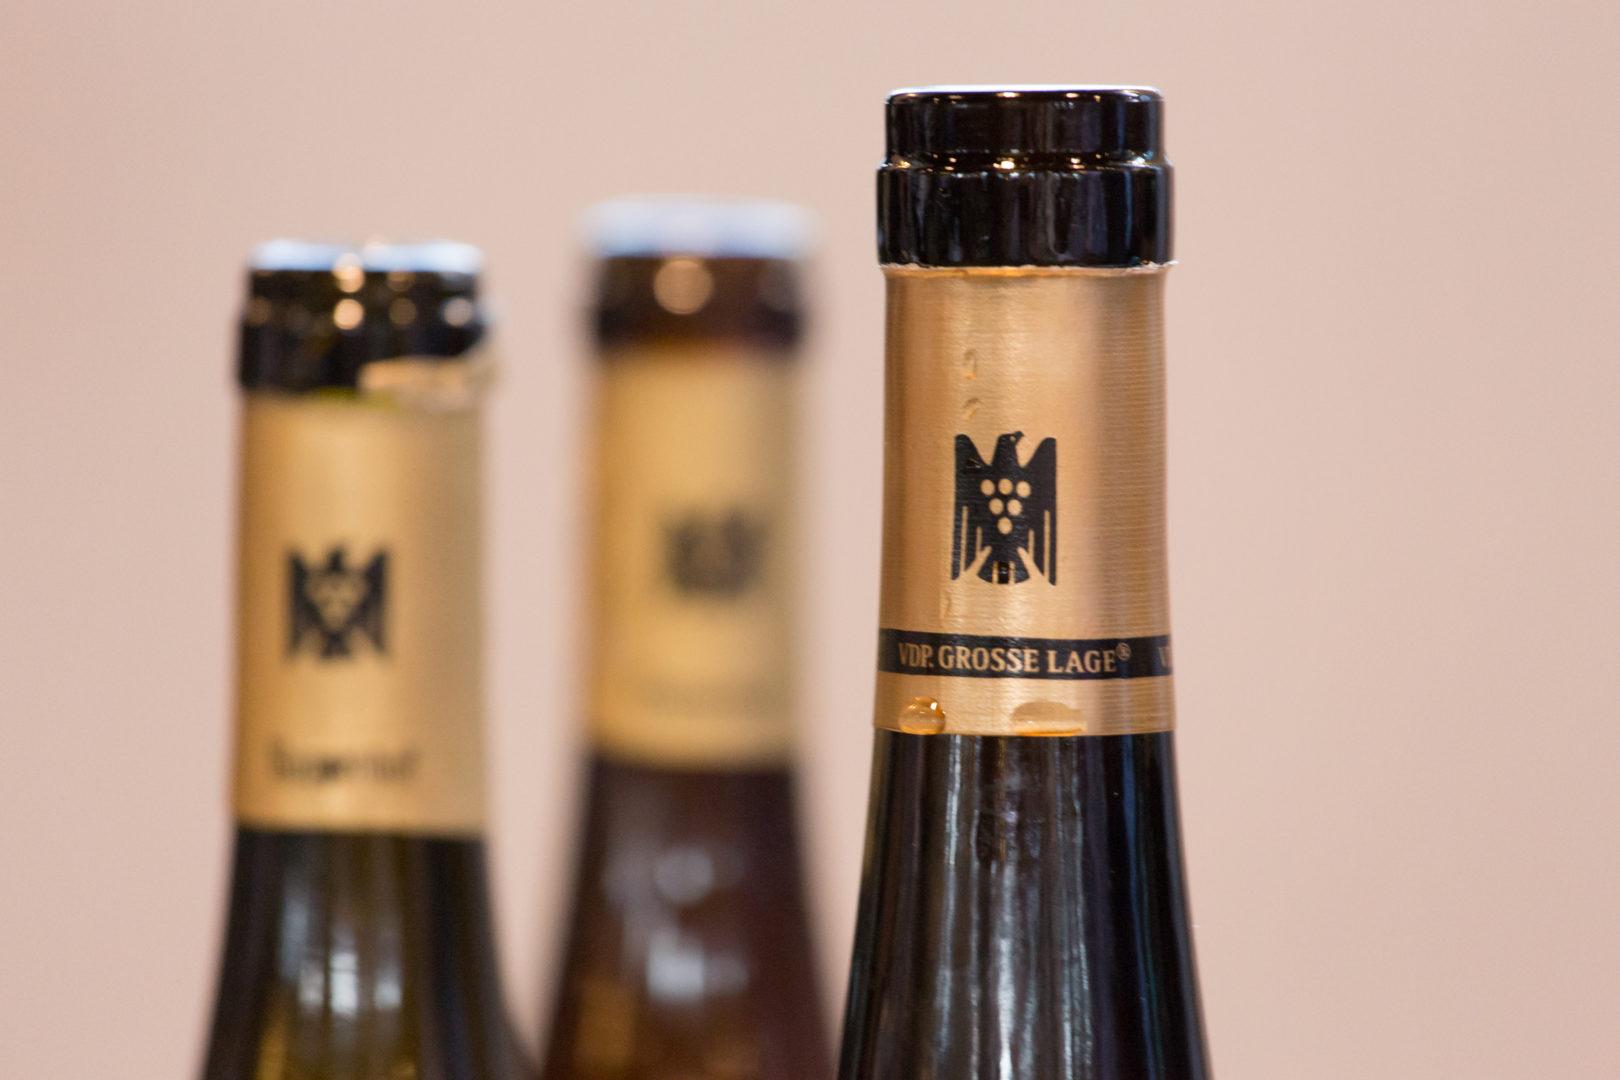 GG 2017 Rheinhessen Flaschen bei der Verkostung